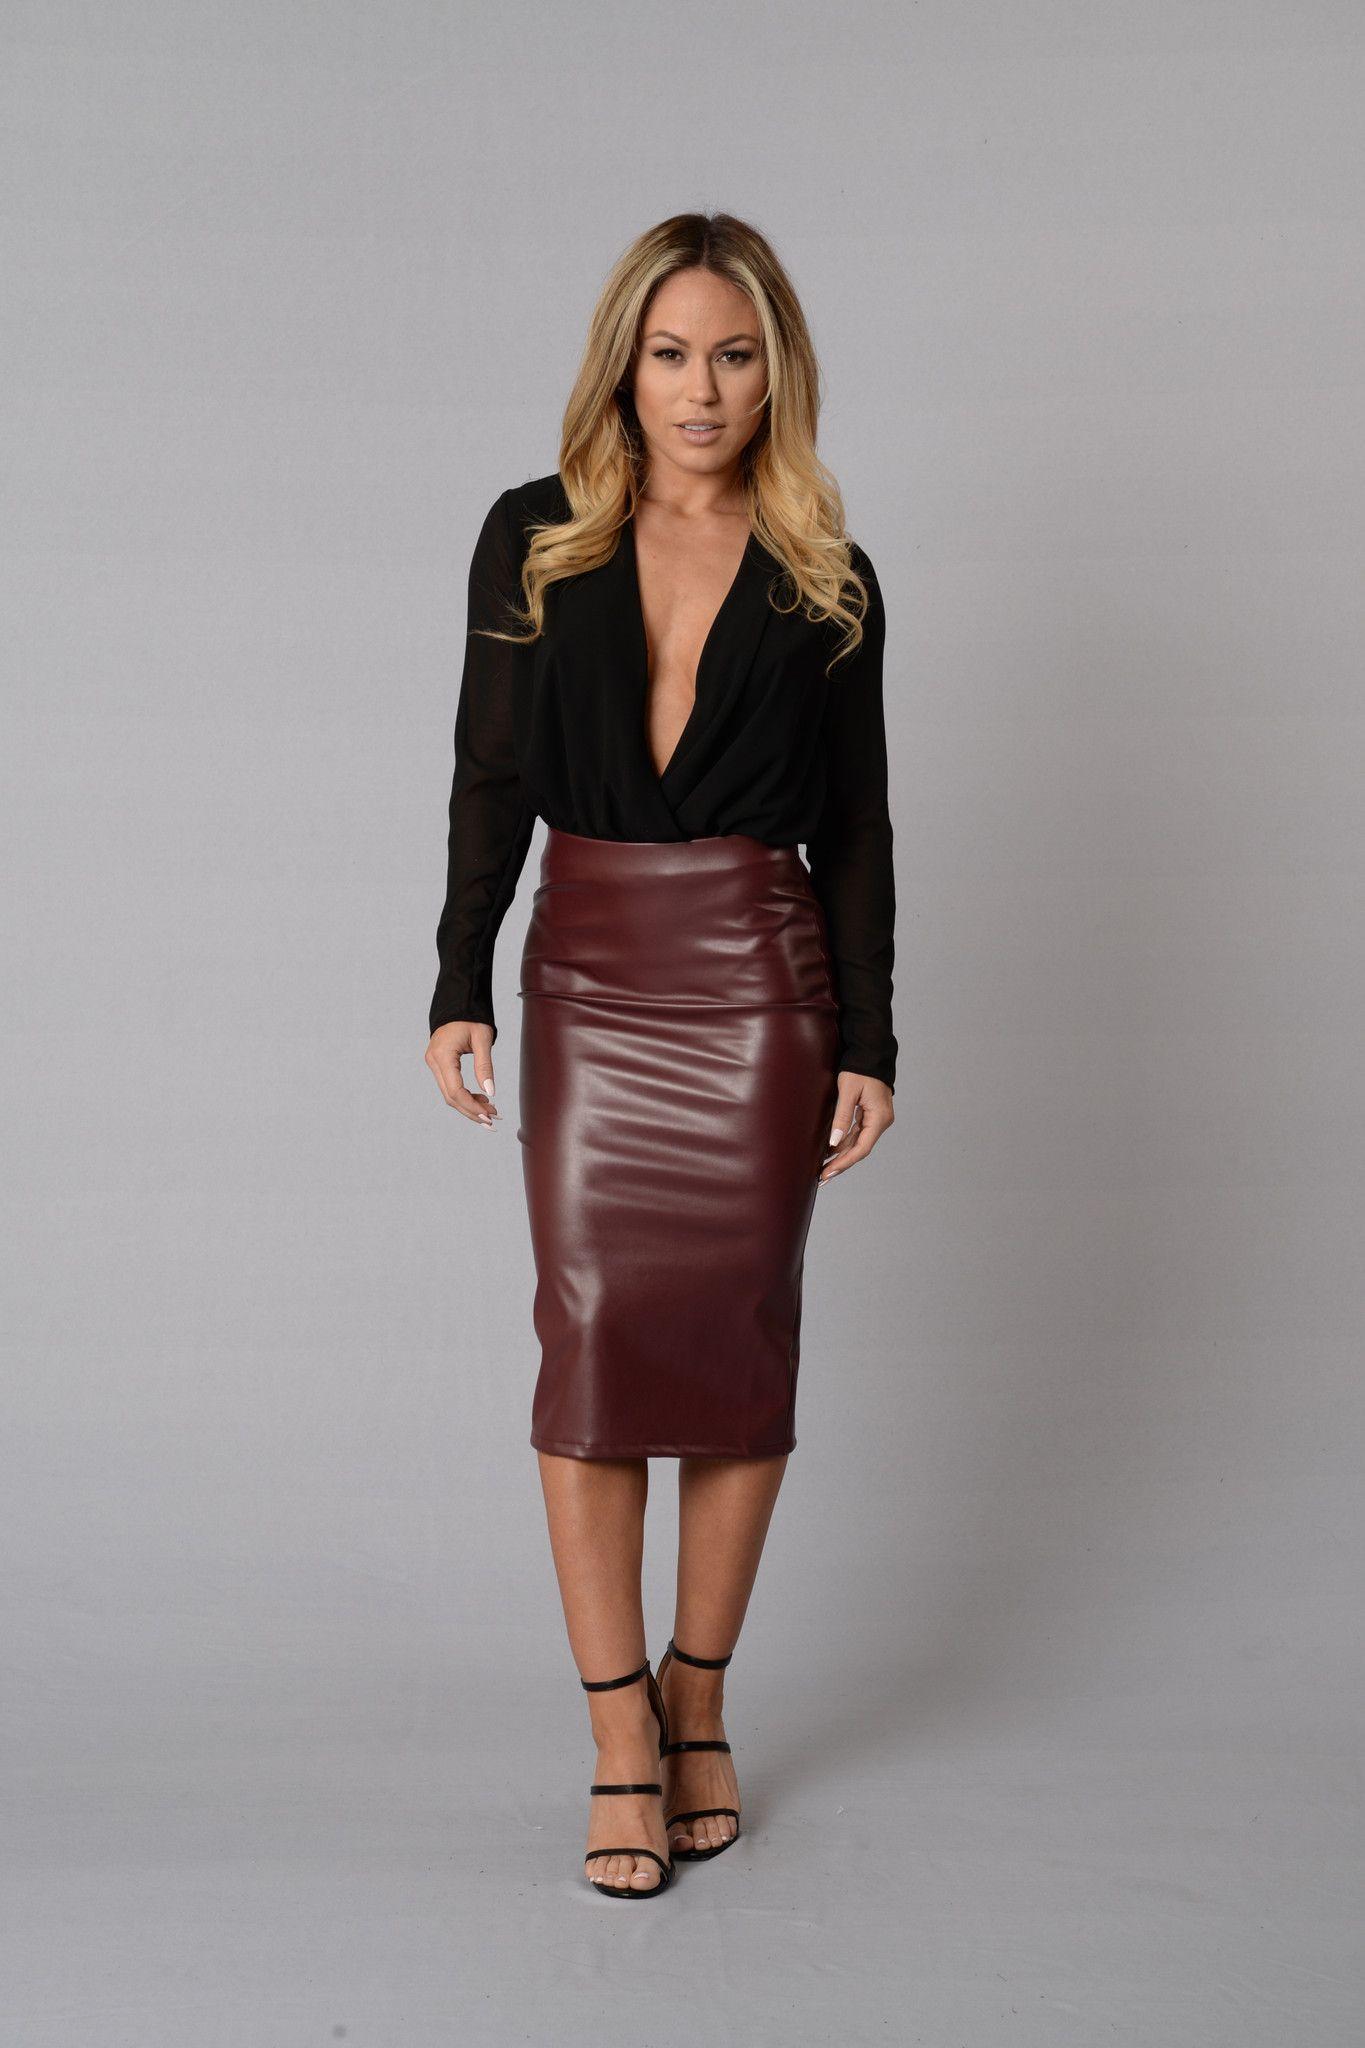 2ab1fe2a8 Lovelife Bodysuit - Black. Lovelife Bodysuit - Black Tight Pencil Skirt ...